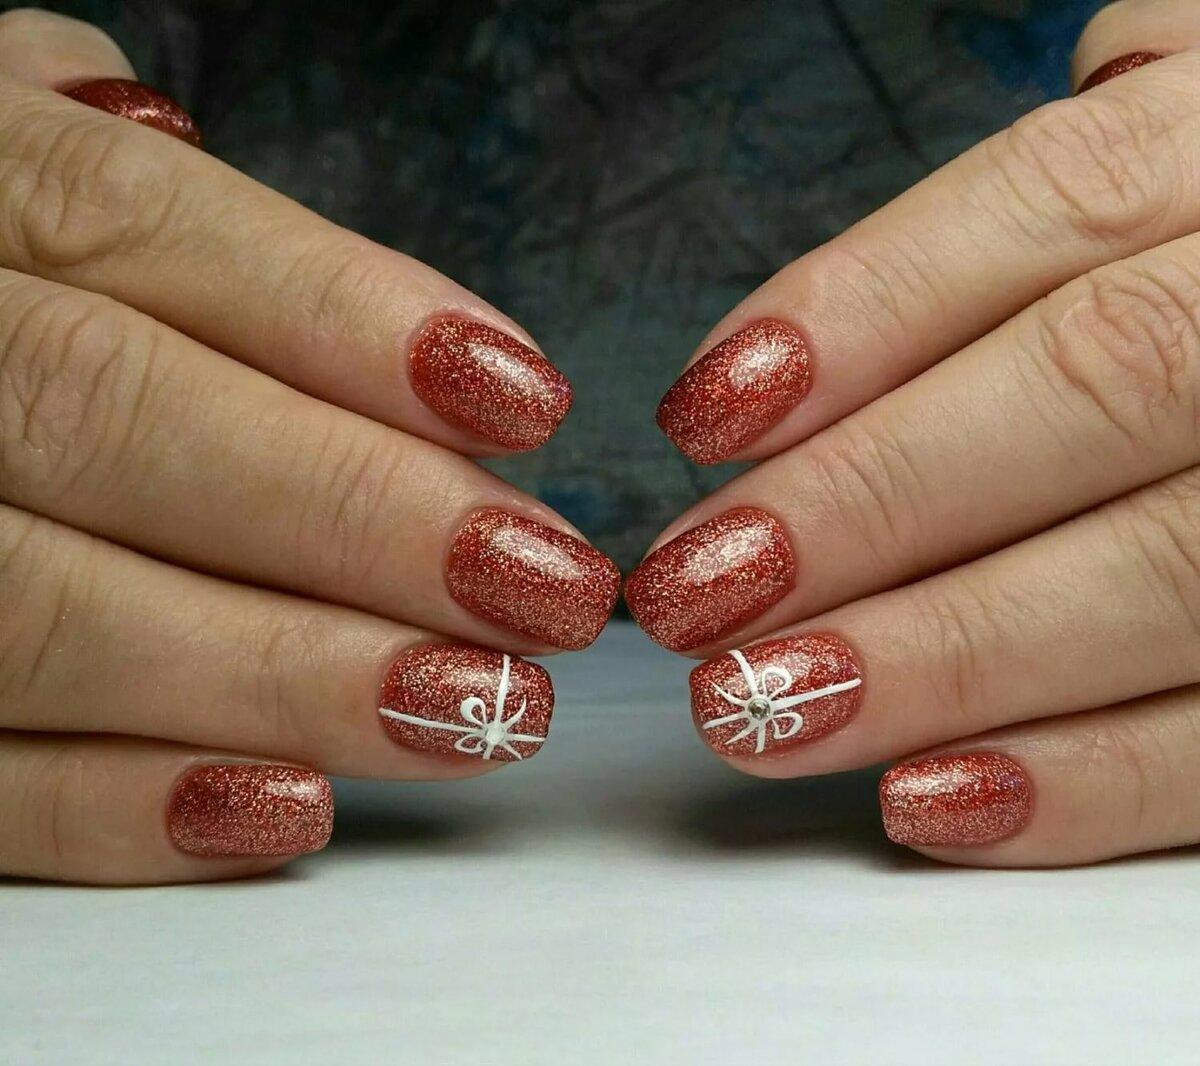 гелевое покрытие на свои ногти фото новогодние весёлые человечки встретились